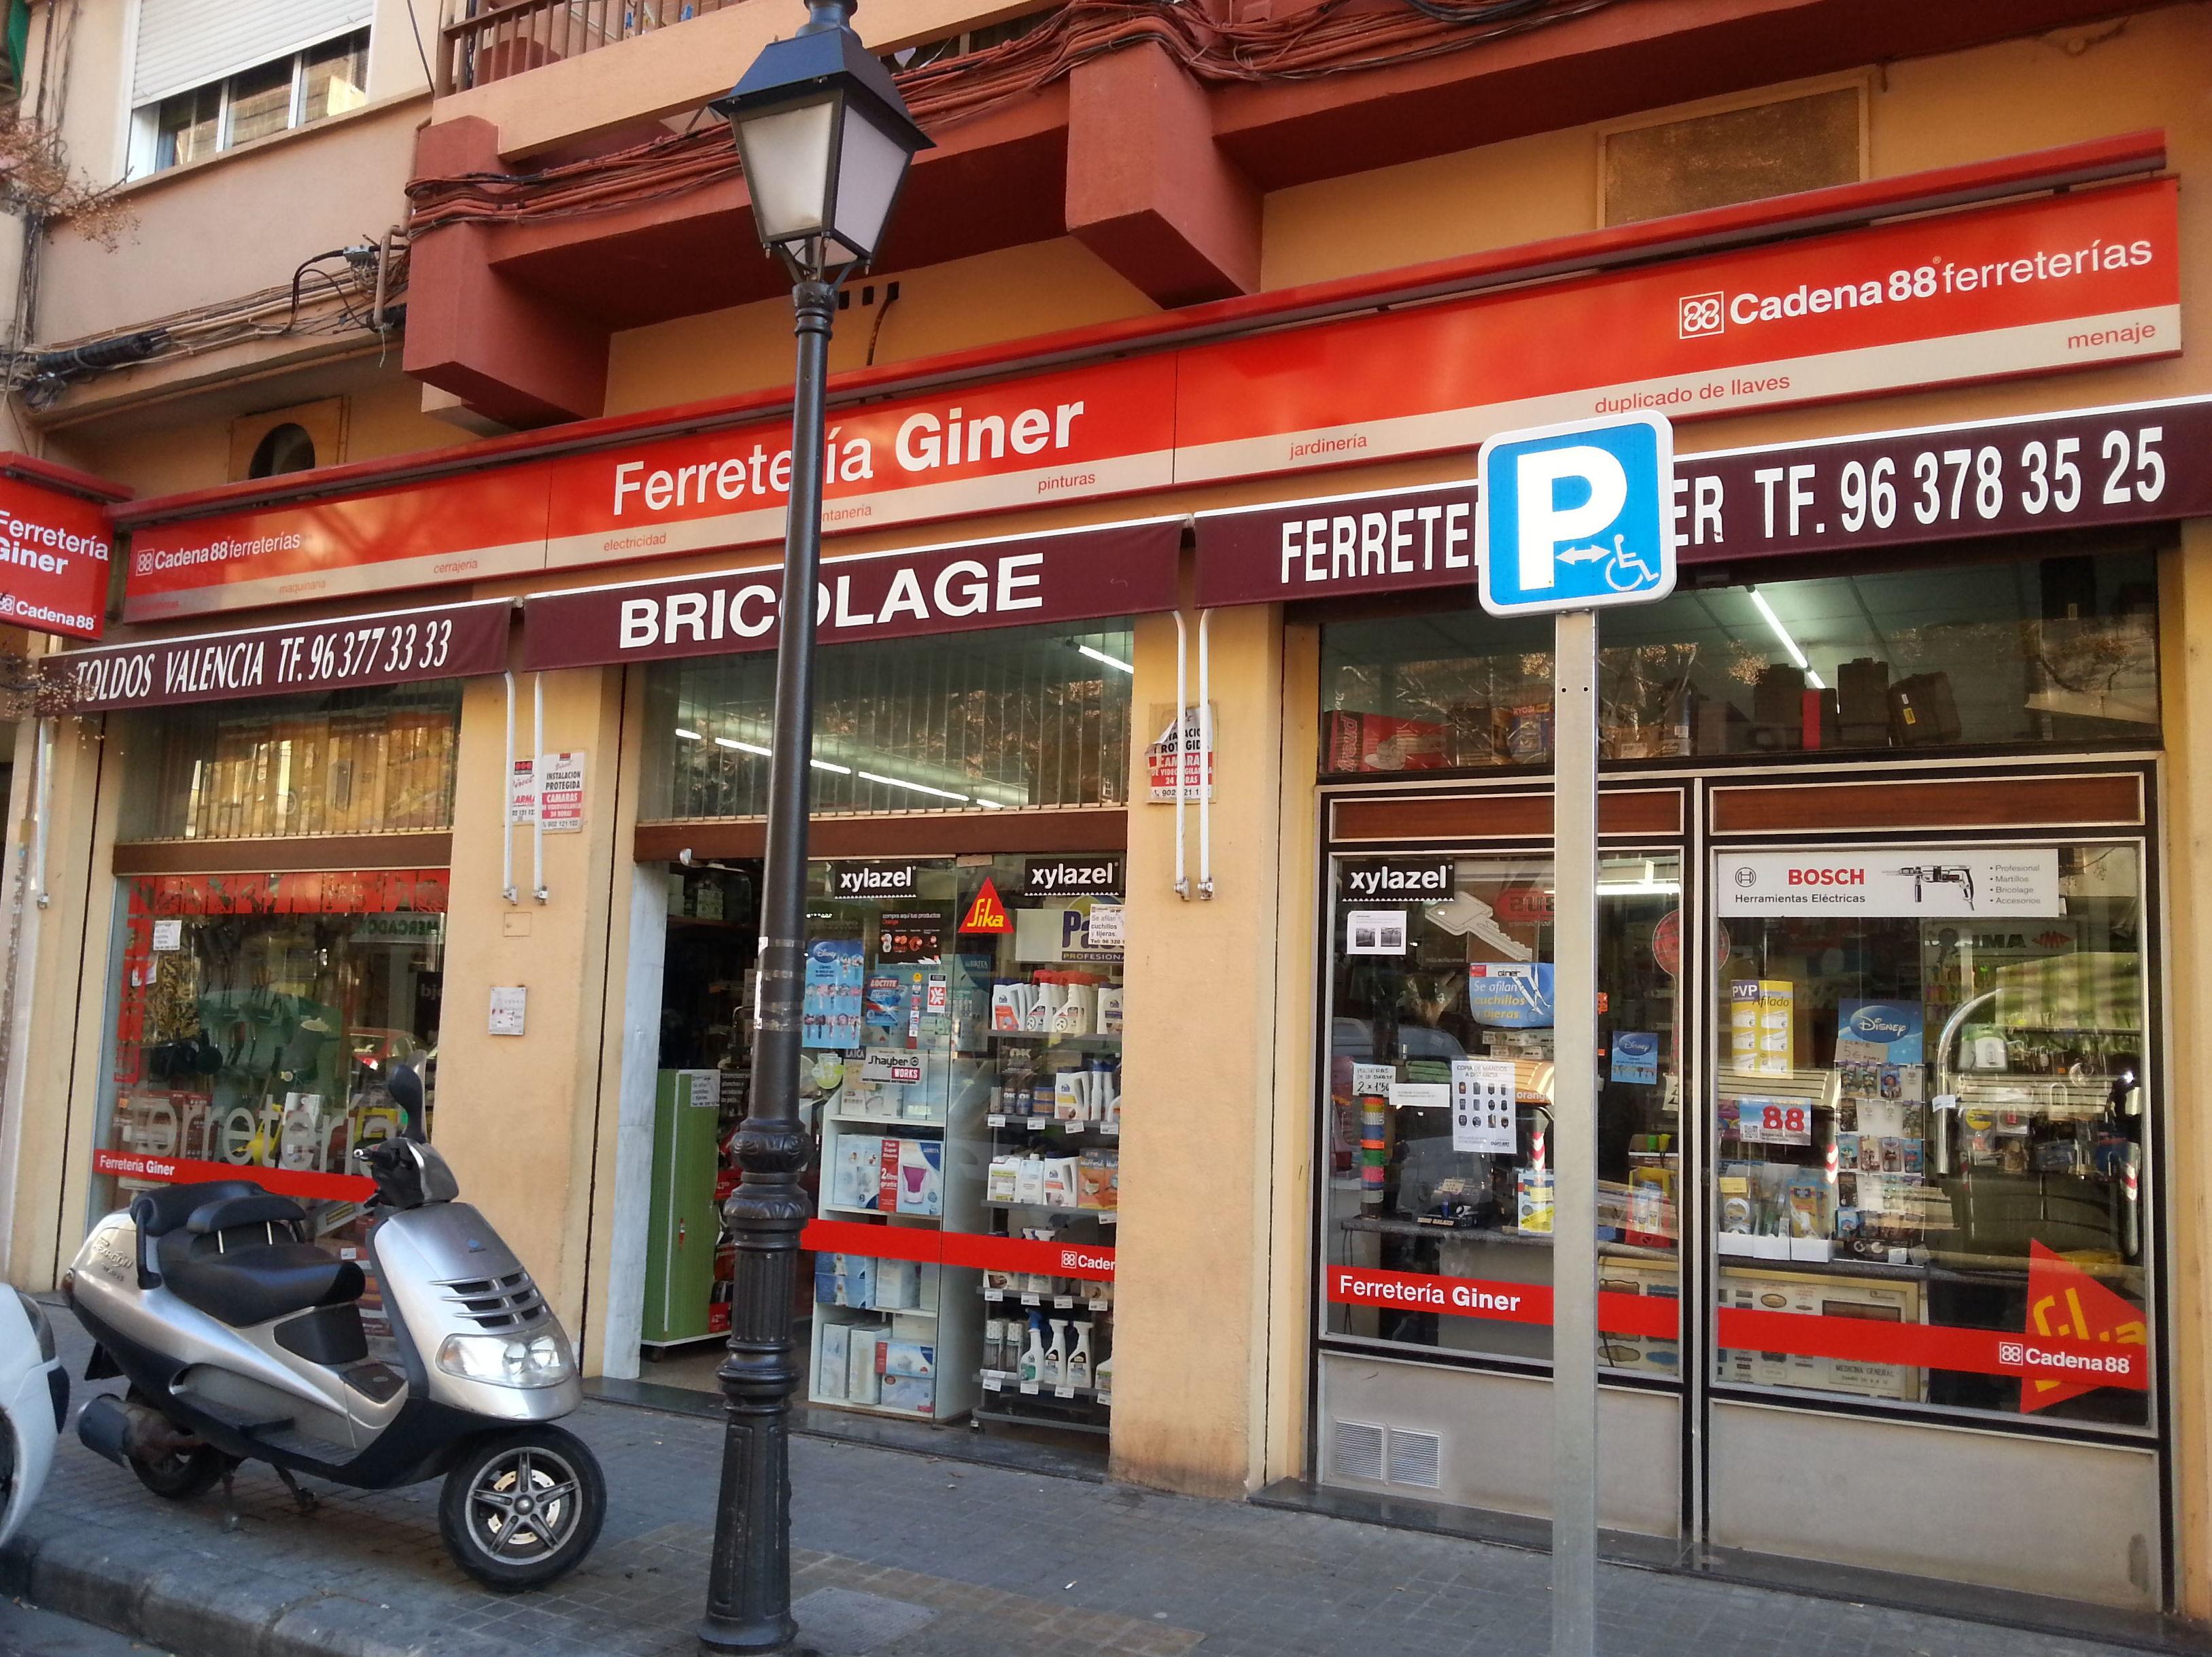 Foto 24 de Ferreterías en Valencia | Ferretería Giner